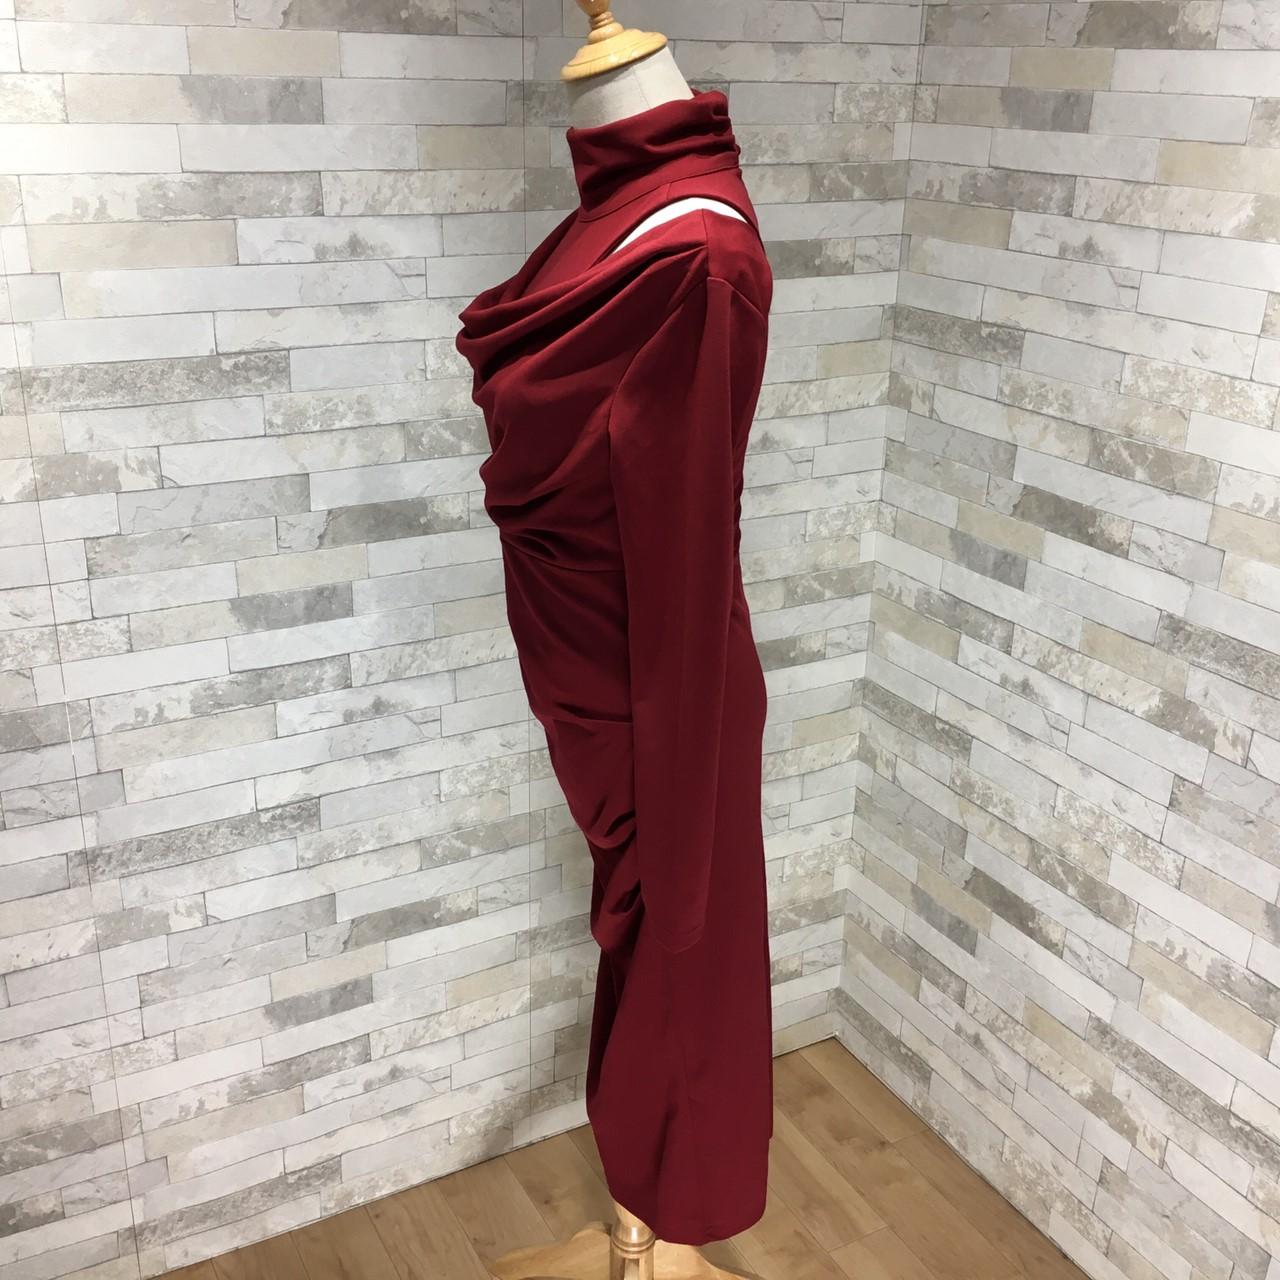 韓国 ファッション ワンピース パーティードレス ひざ丈 ミディアム 秋 冬 パーティー ブライダル PTXG848 結婚式 お呼ばれ ドレープ 肌見せ レイヤード風 ベーシ 二次会 セレブ きれいめの写真15枚目